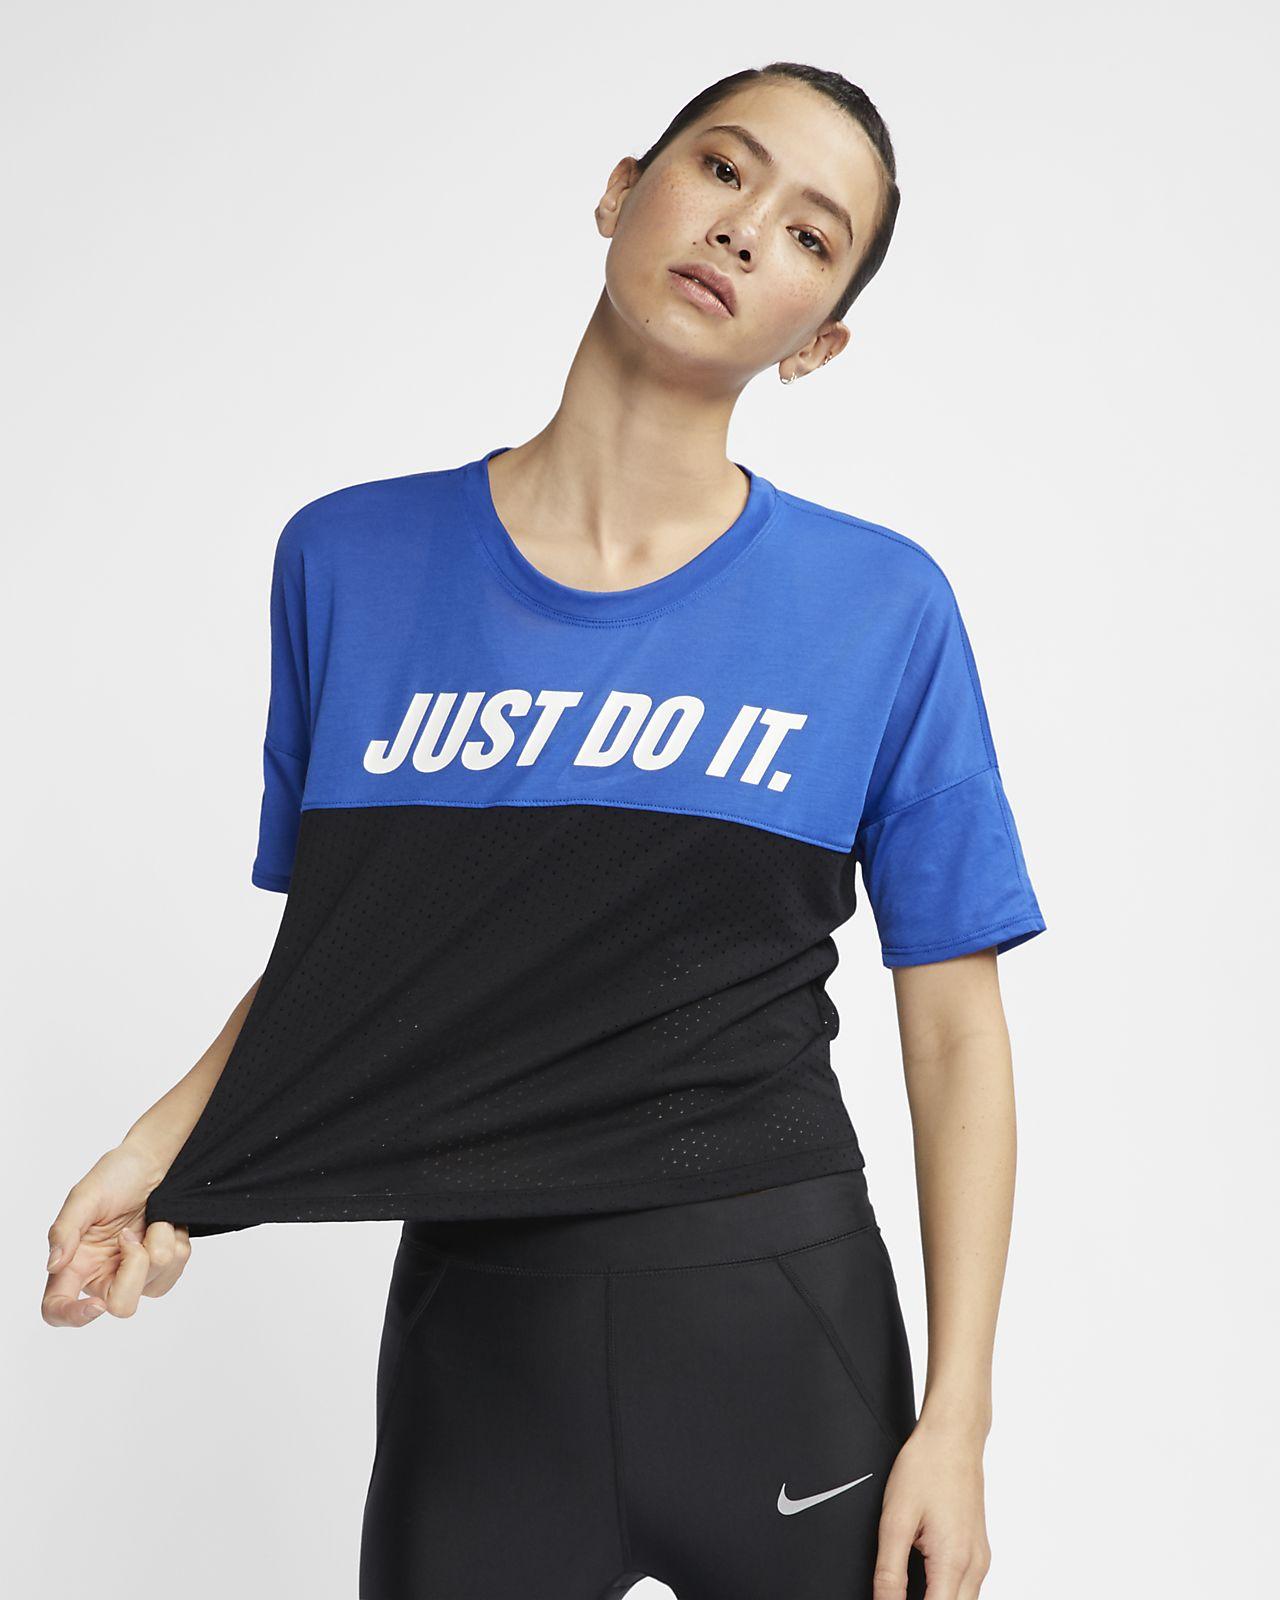 b4a372ab44bf Haut de running à manches courtes Nike Tailwind pour Femme. Nike.com CA